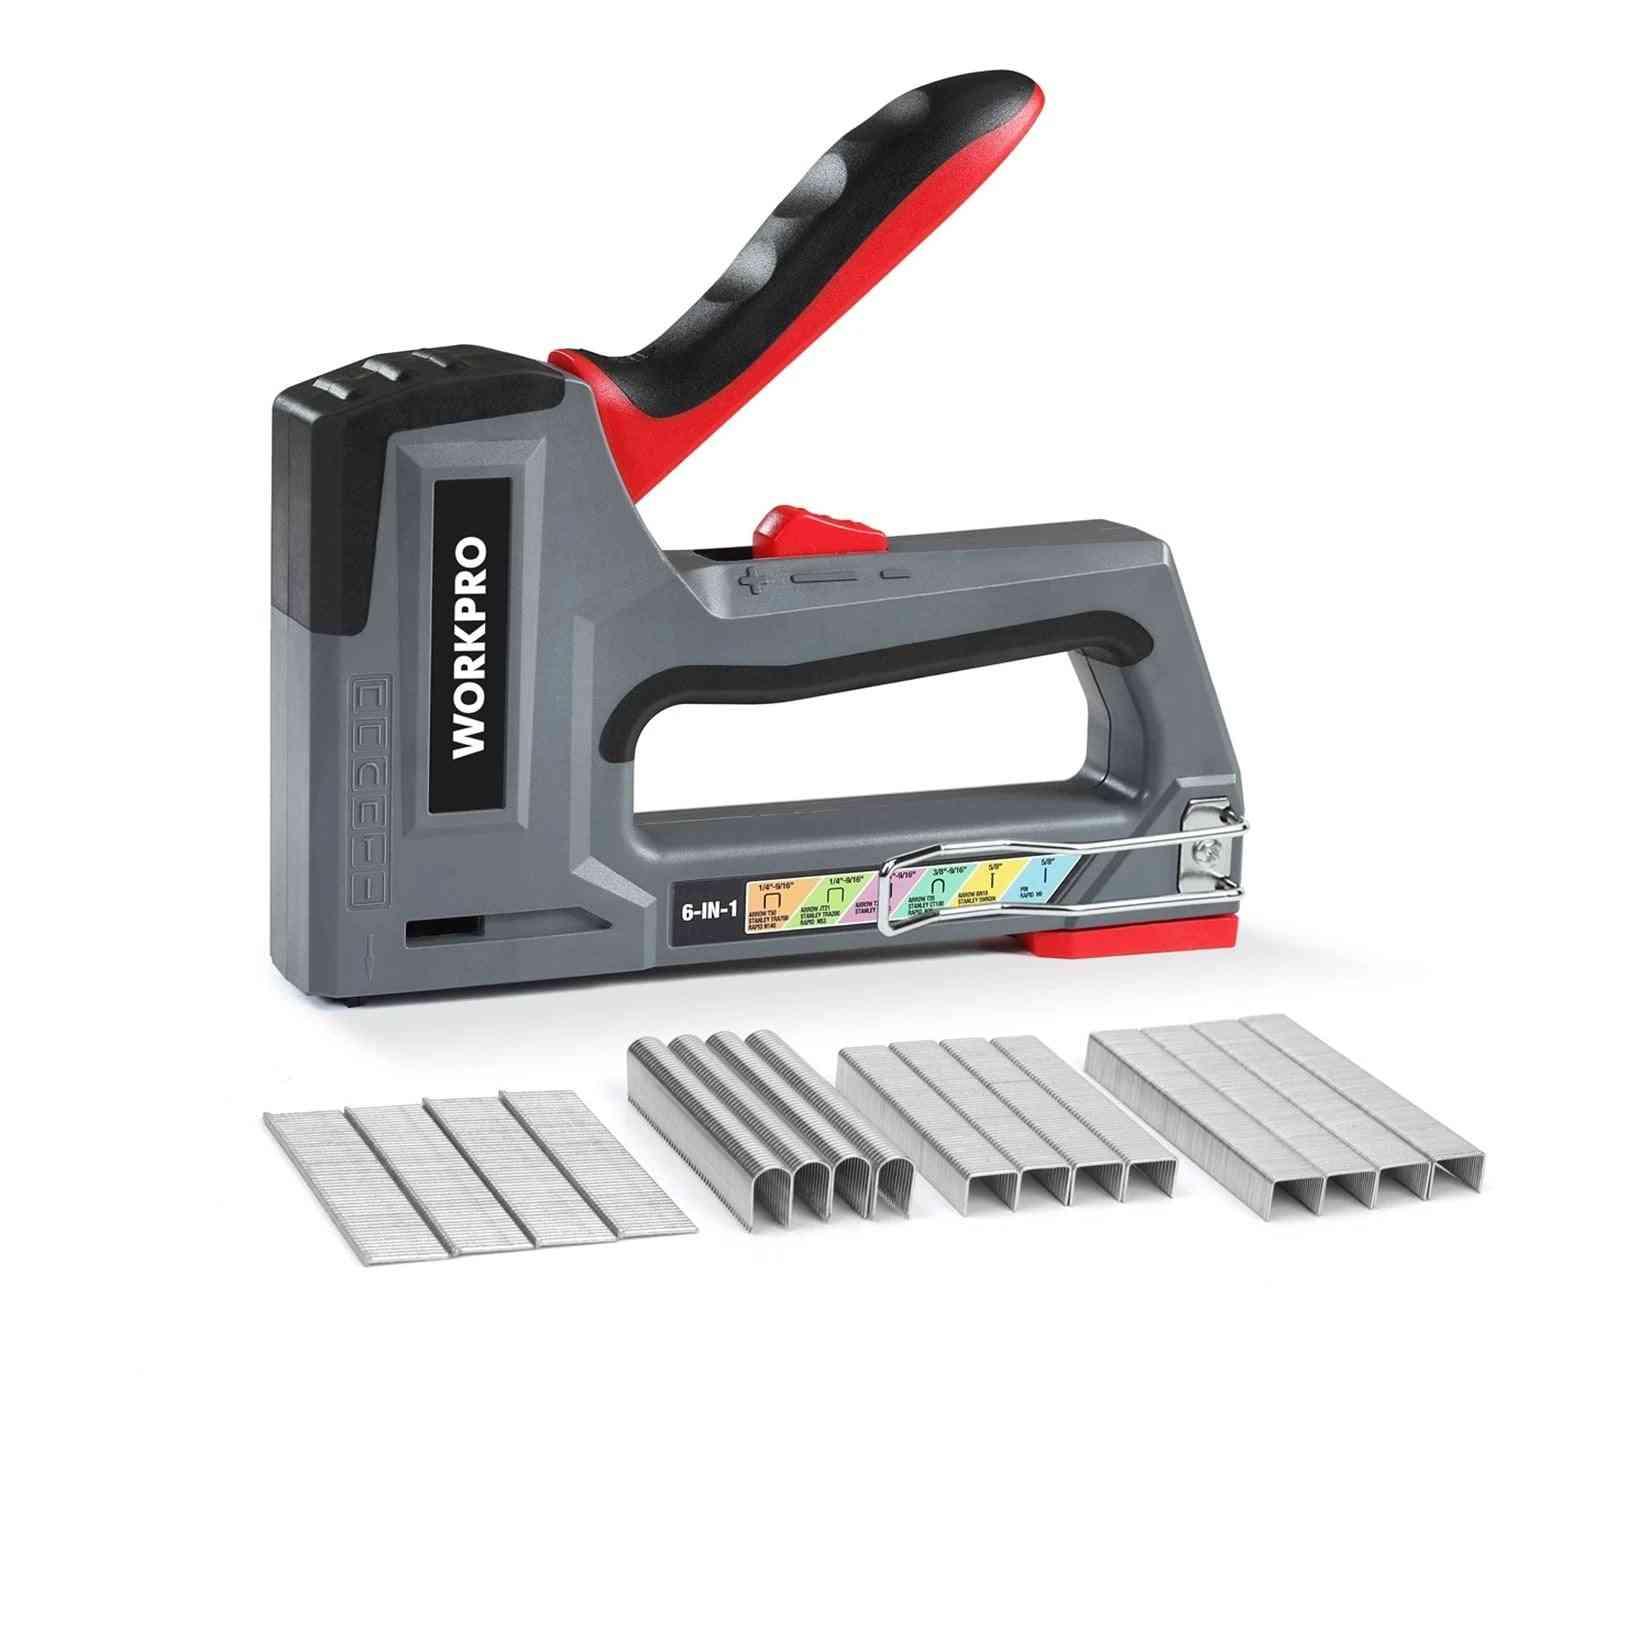 Manual Staple Gun Stapler Upholstery Plastic Furniture Tool